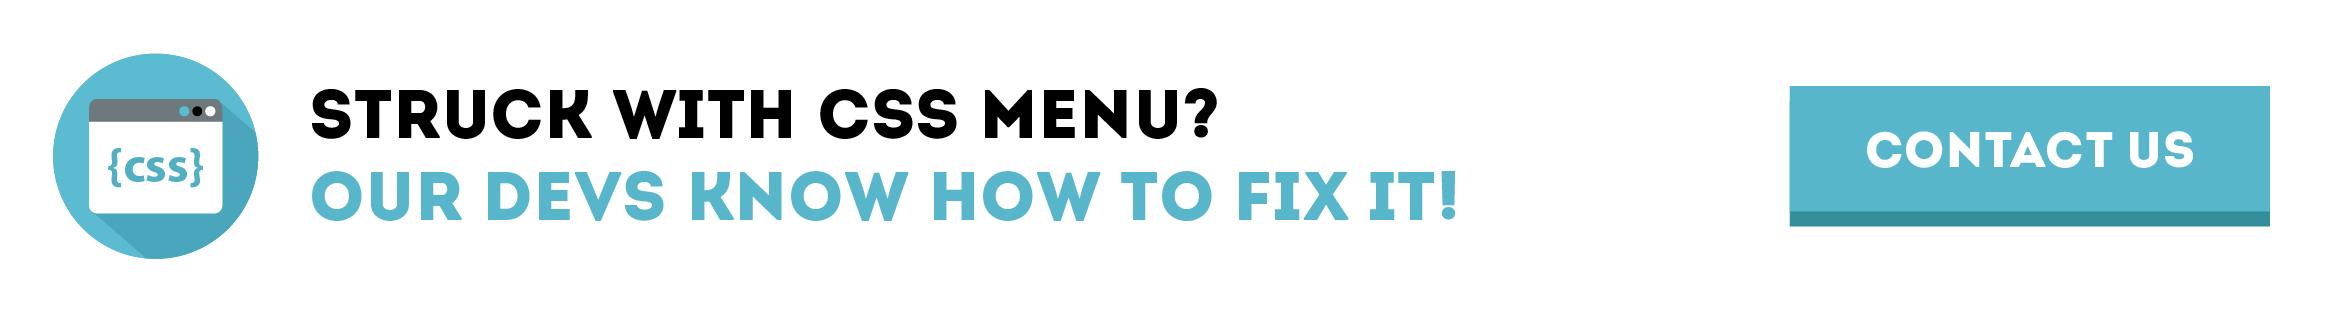 css menu tutorial